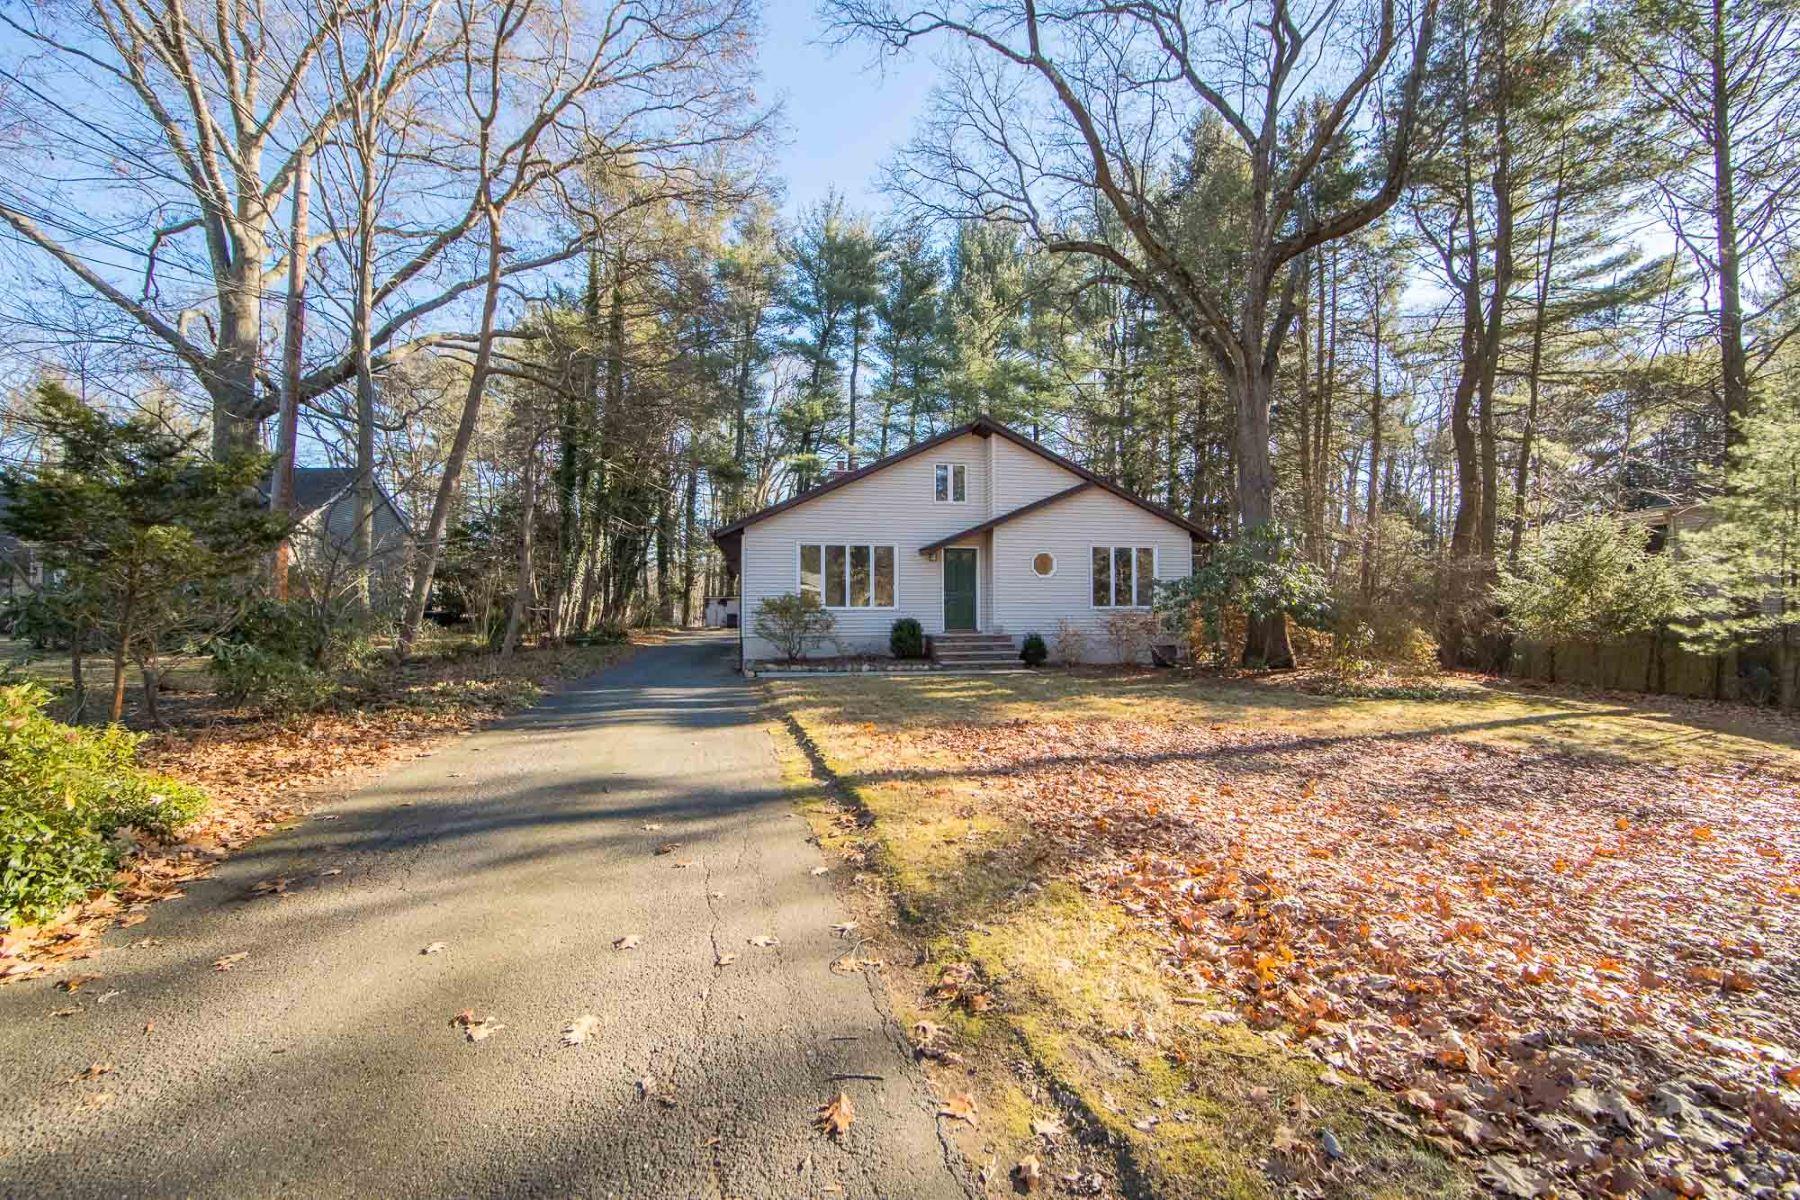 Частный односемейный дом для того Продажа на Privacy and Beautiful Views 5 Ackerman Ave, Woodcliff Lake, Нью-Джерси 07677 Соединенные Штаты